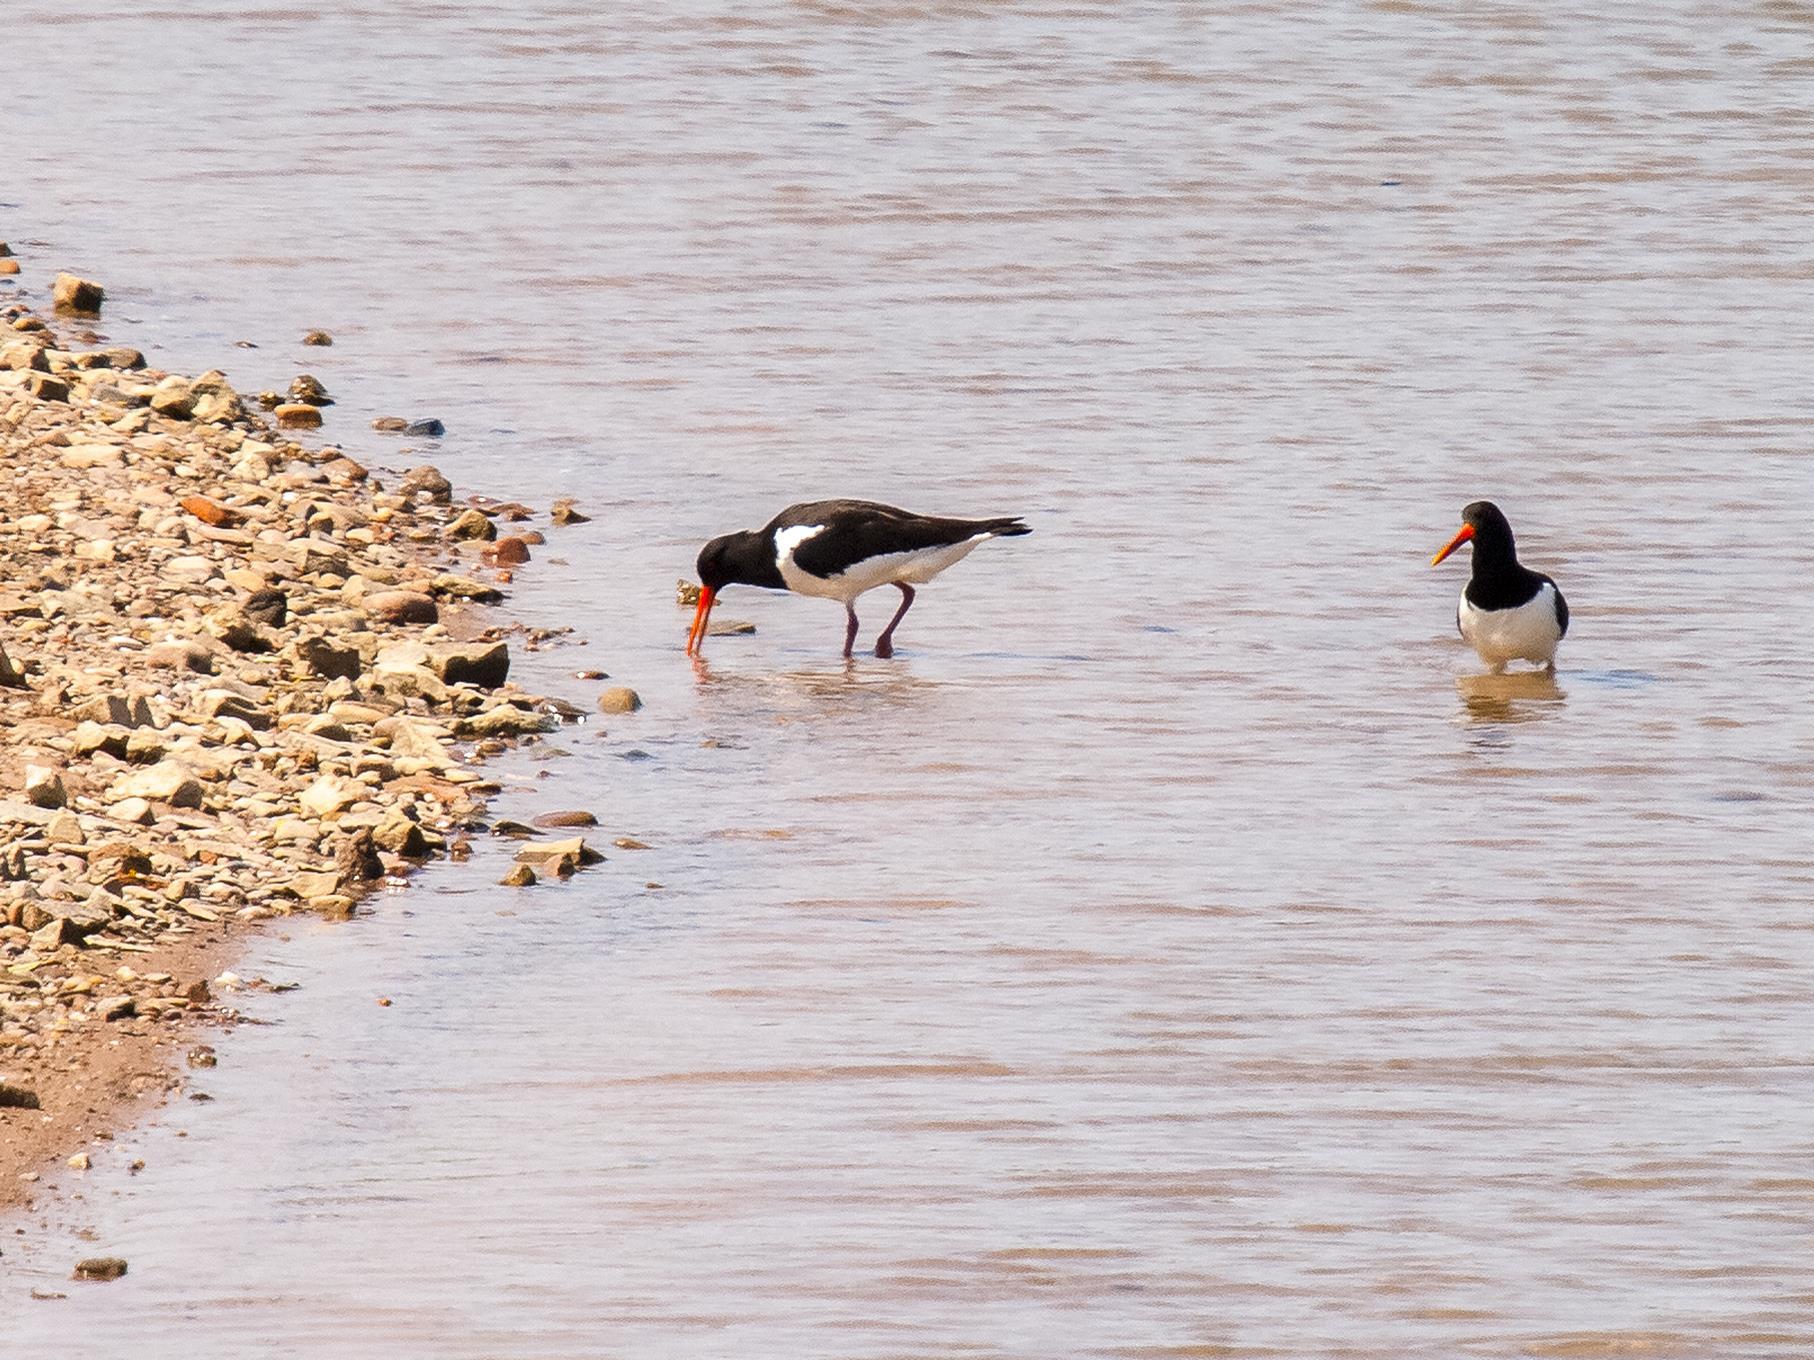 Zwei Austernfischer suchen in den Uferbereichen nach Nahrung.